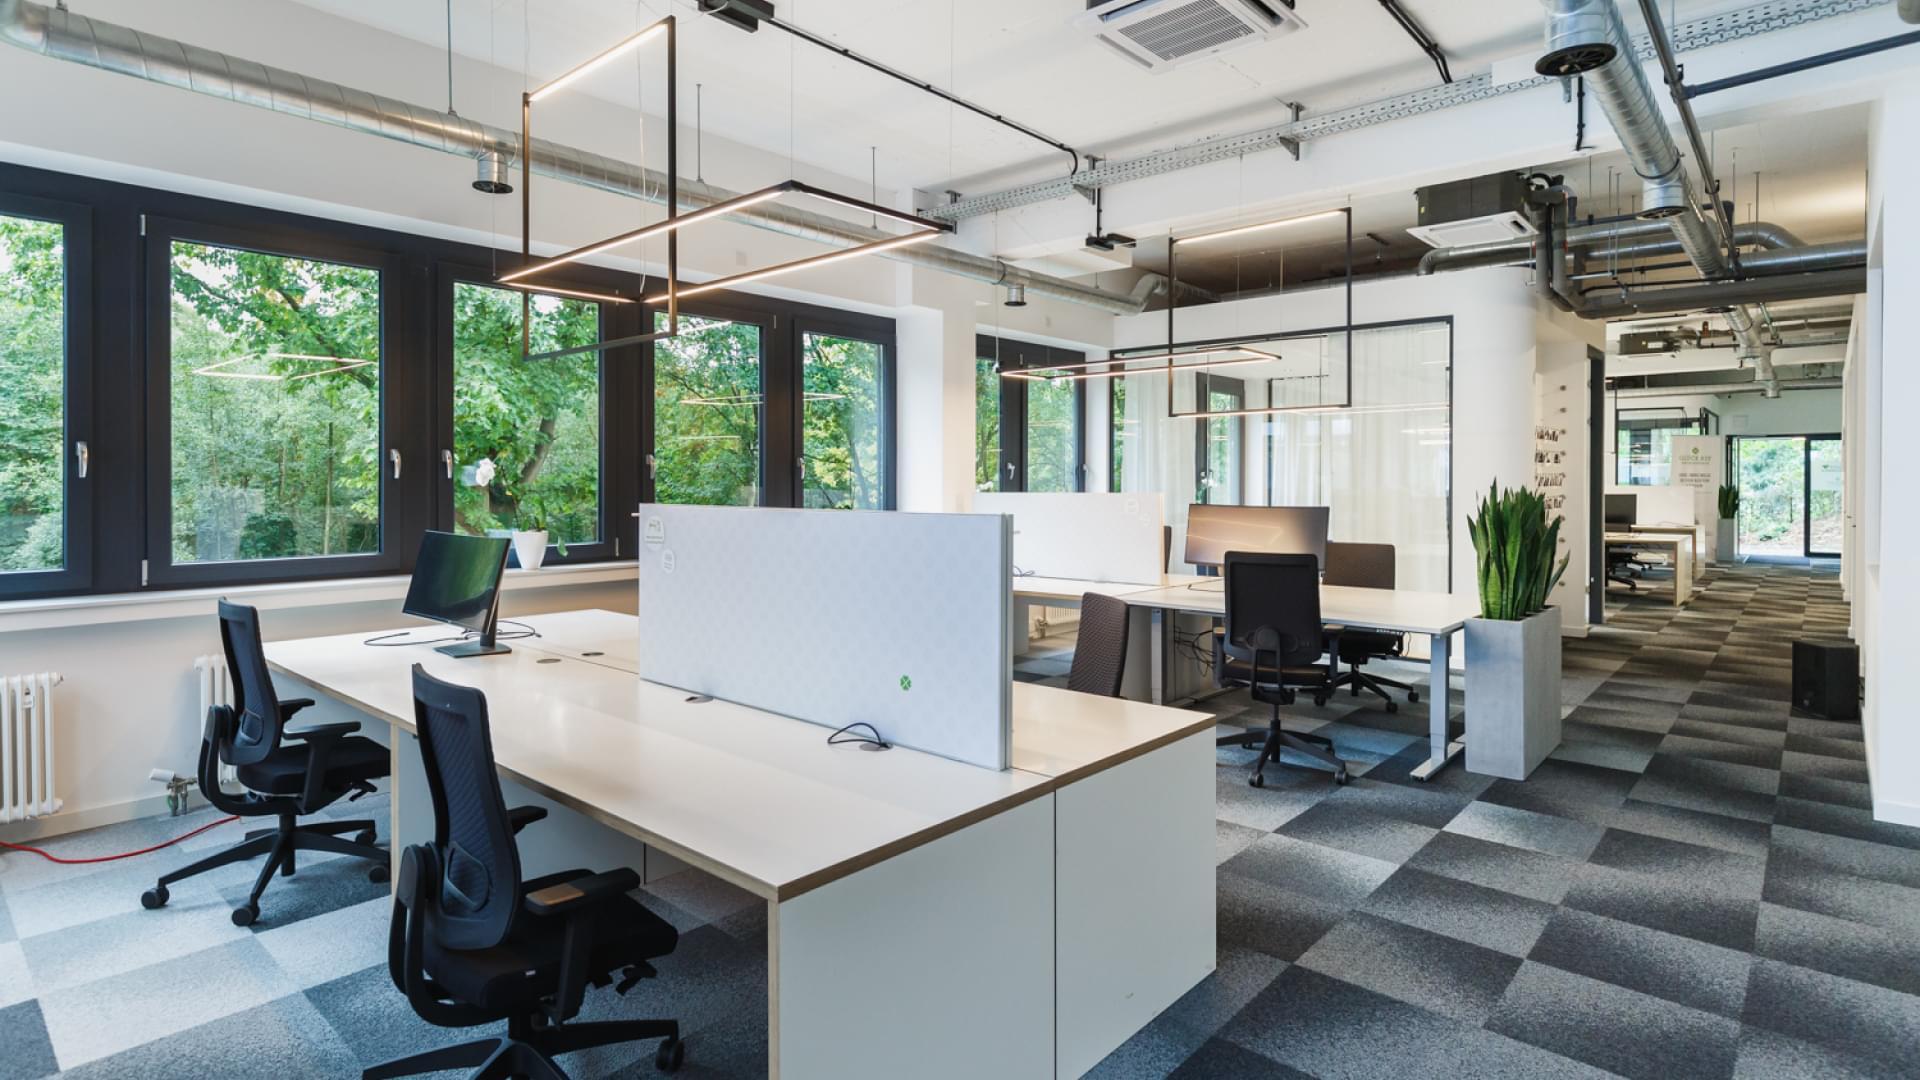 Büro Glück Auf Immobilien GmbH - Bild 03